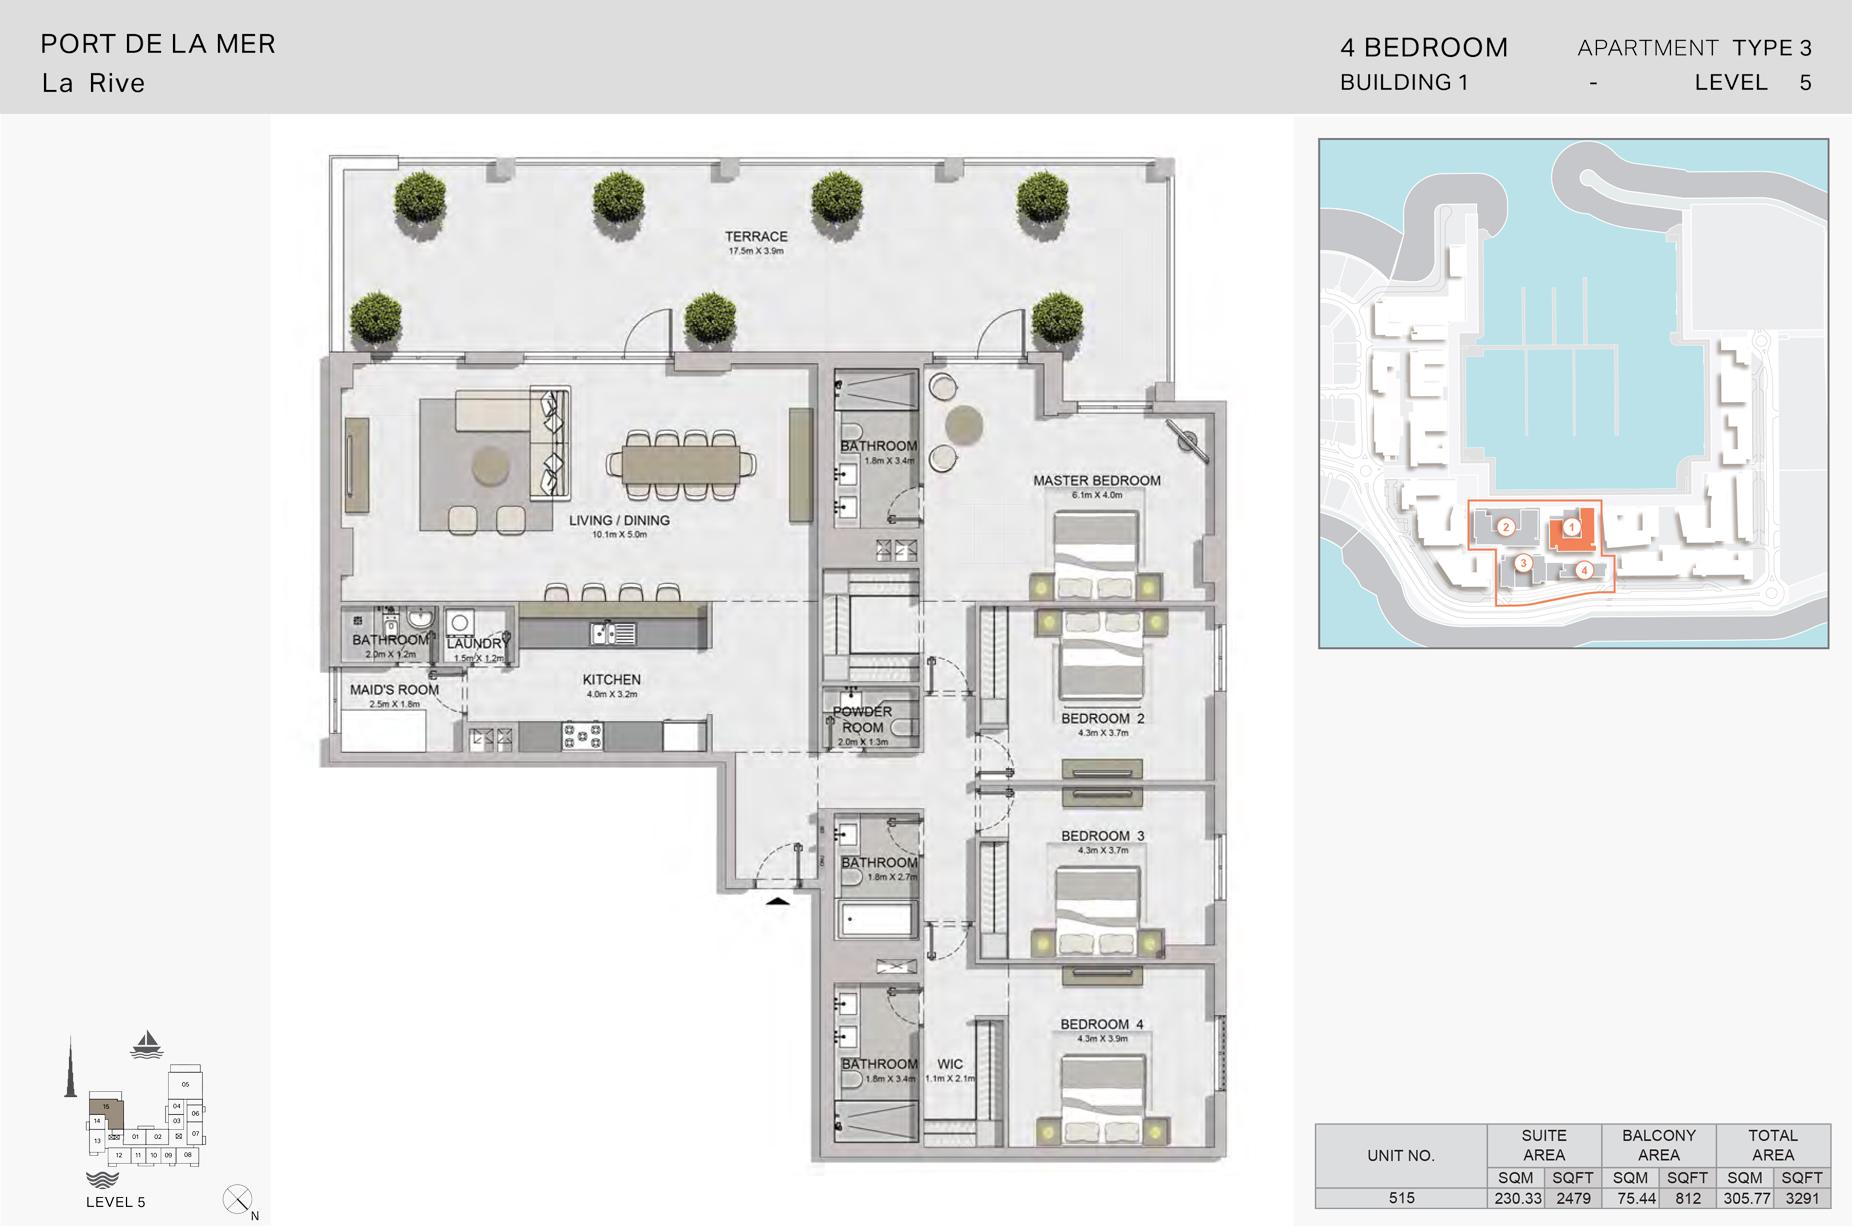 4 غرف نوم، منبى 1- نوع  3 - المساحة 3291 قدم مربع